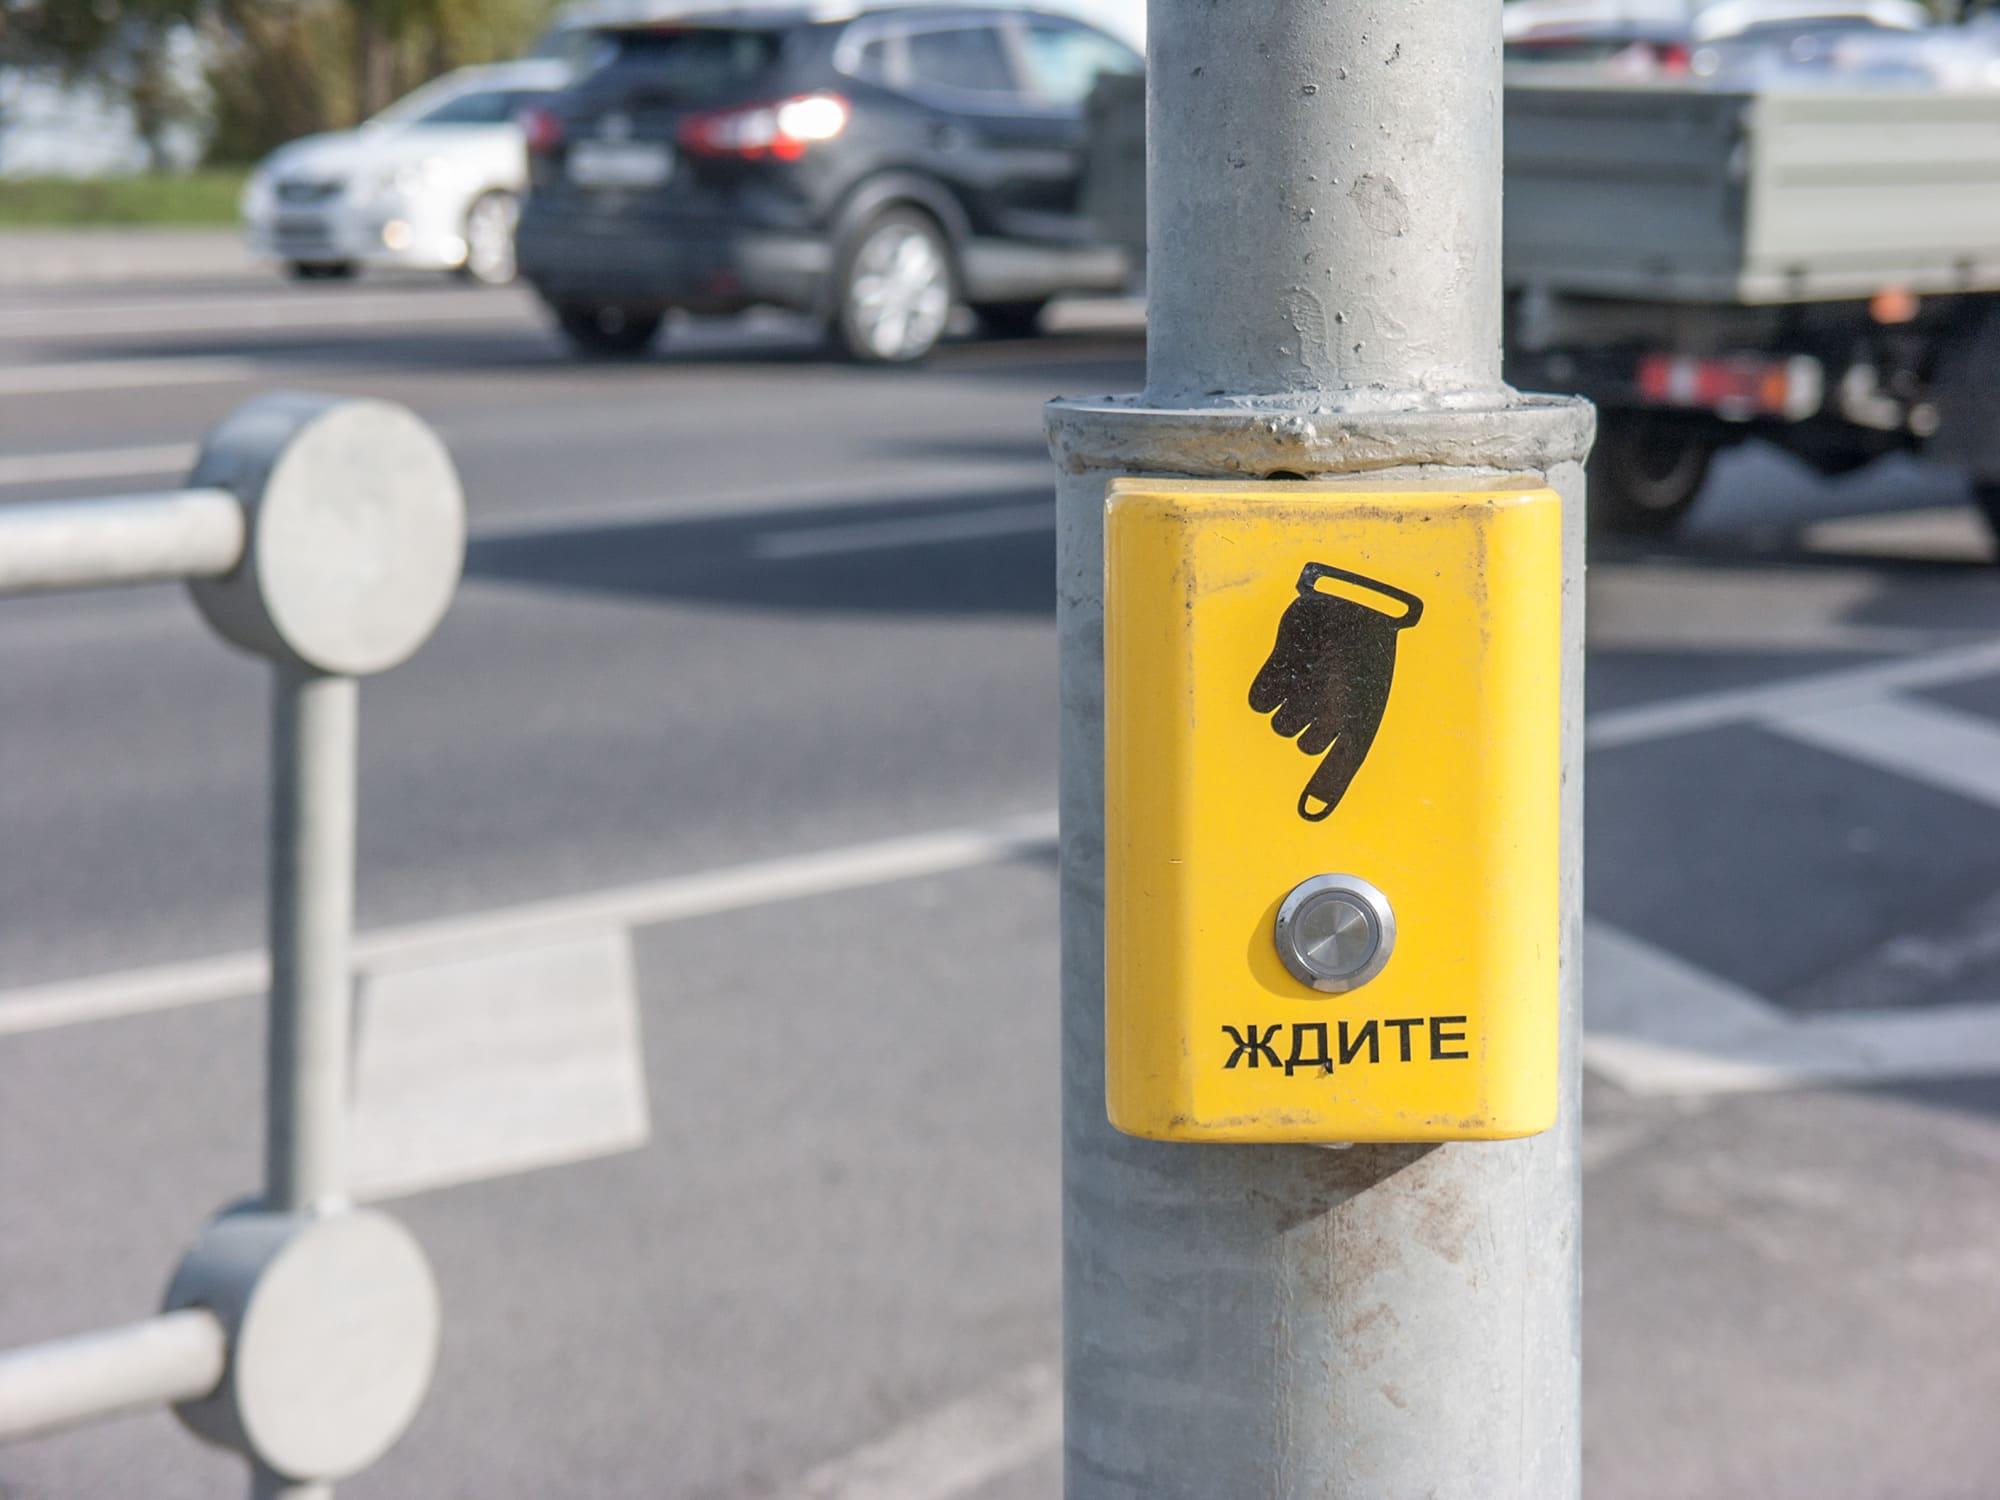 Кнопка включения светофора